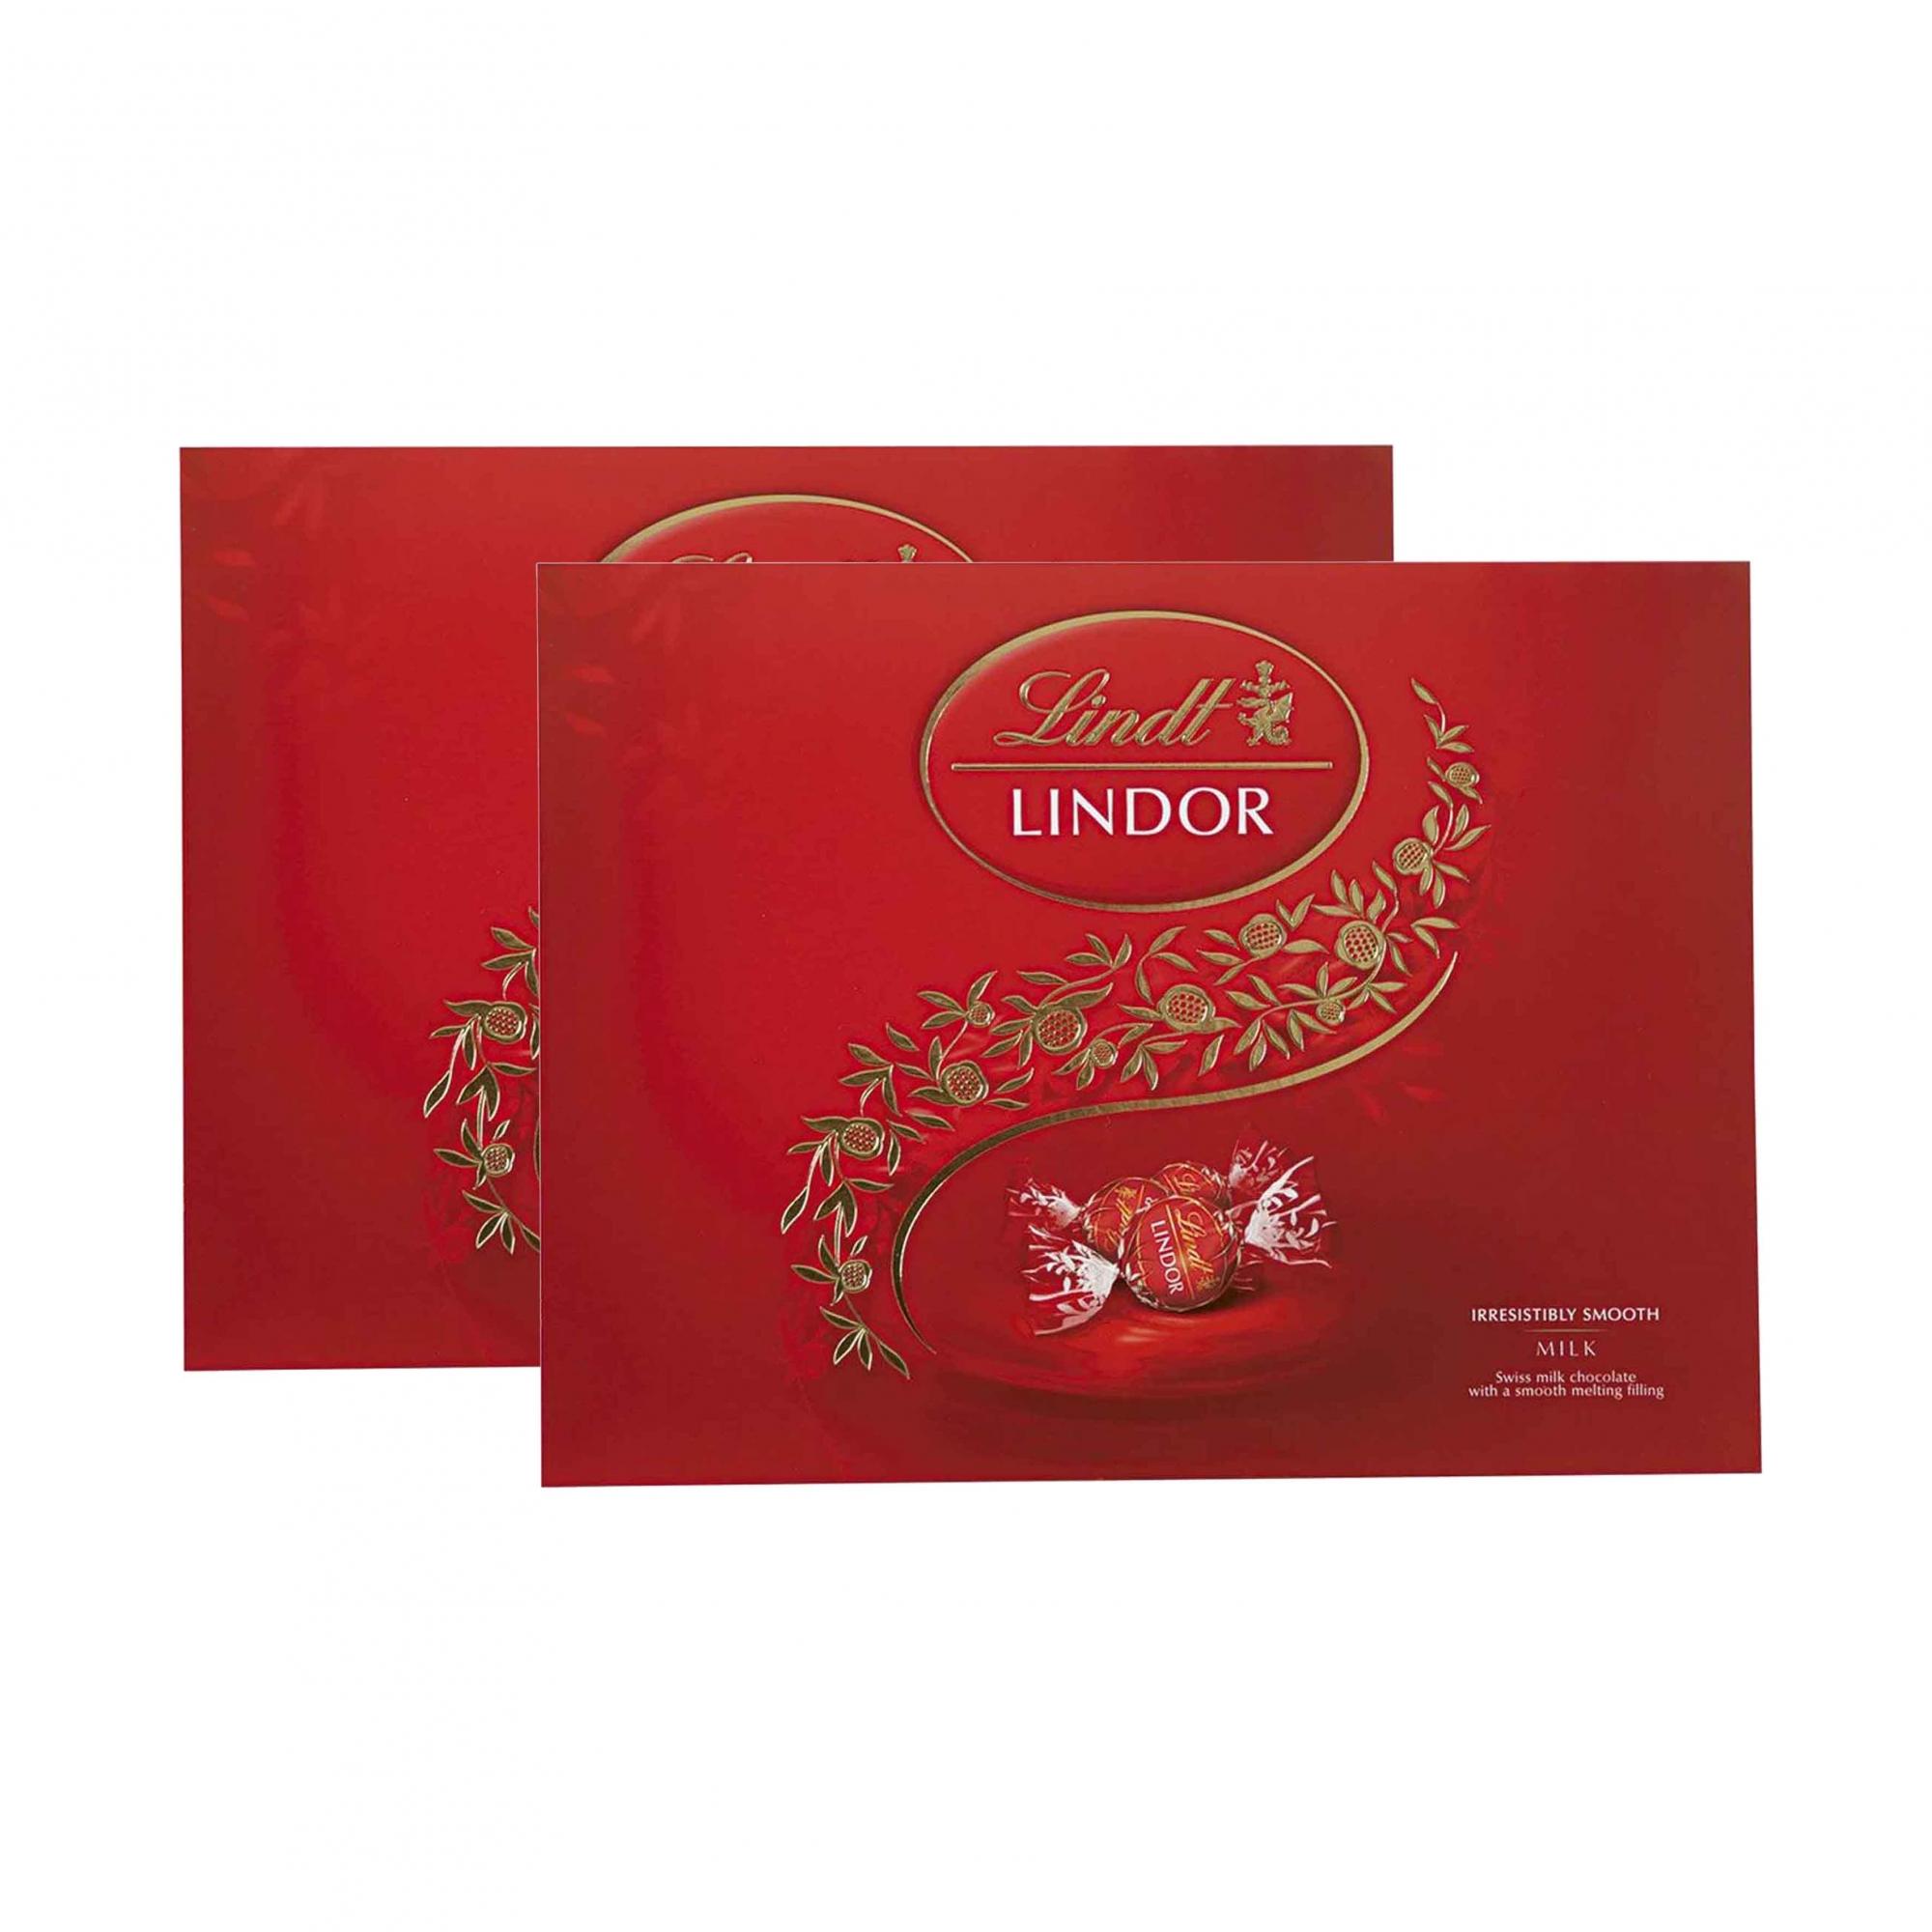 Kit 2x Caixa de Chocolates Lindt Lindor Balls Vermelho 300g